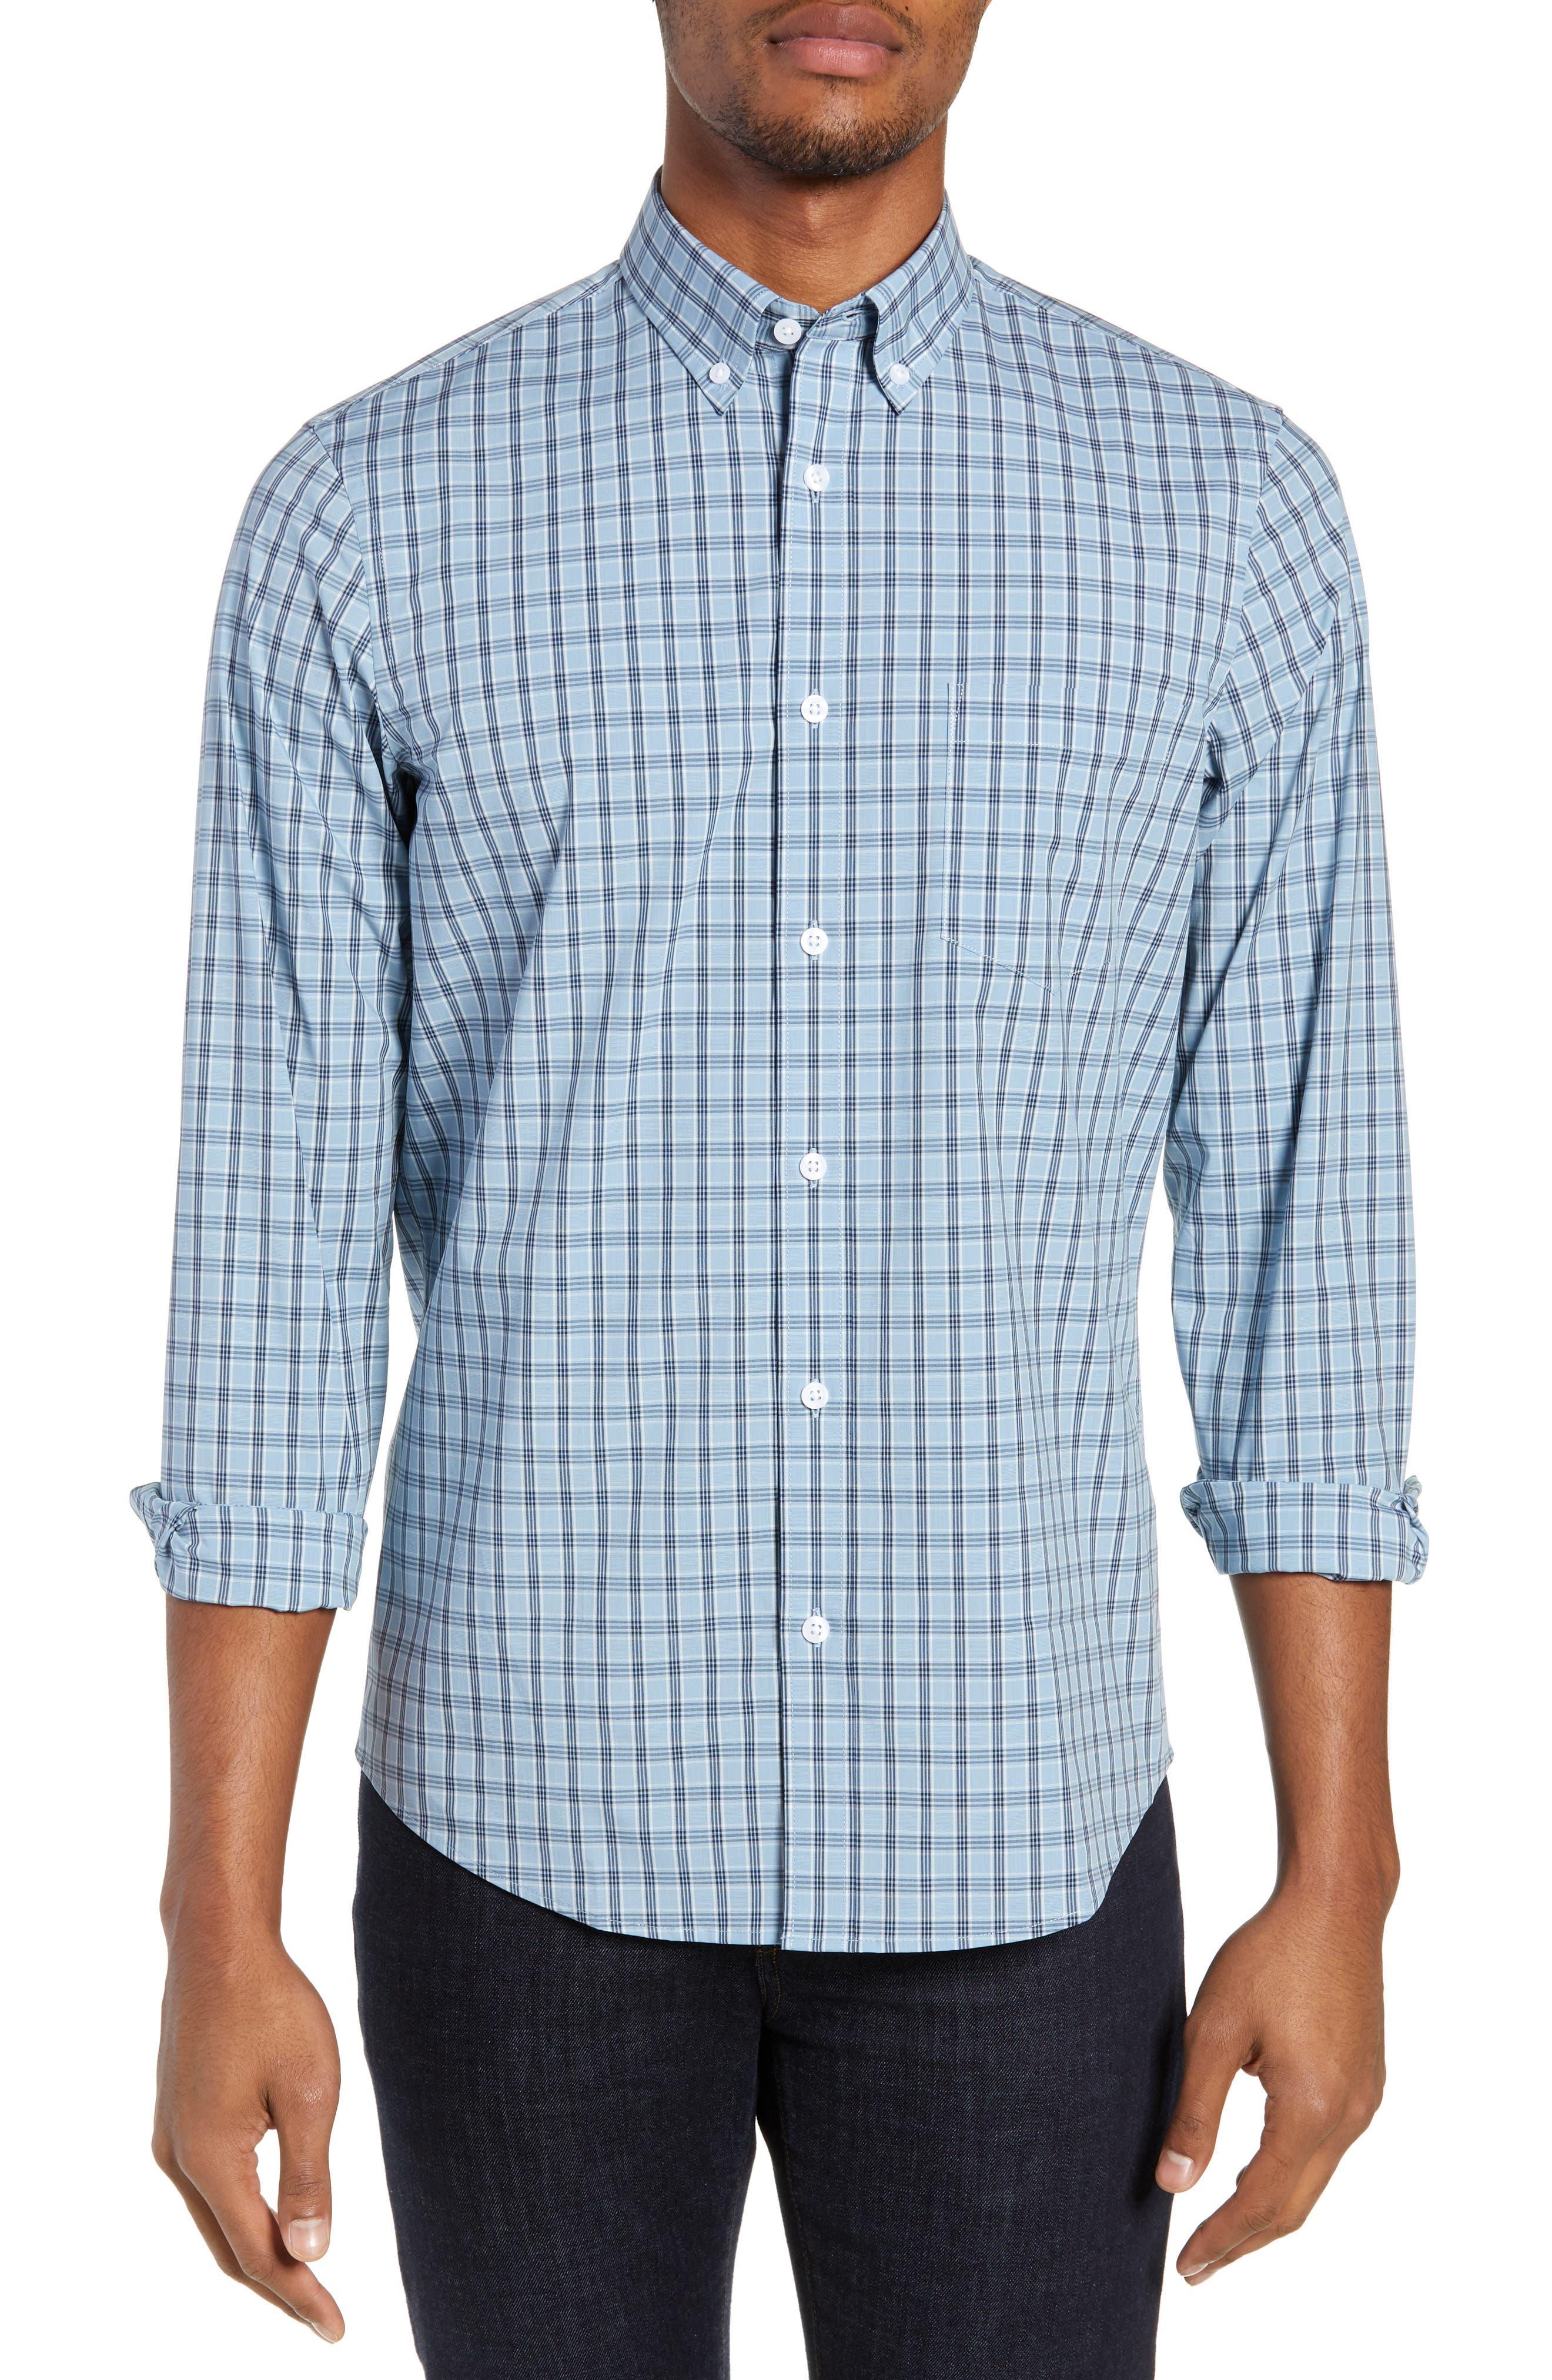 Tech-Smart Slim Fit Plaid Sport Shirt, Main, color, BLUE HEAVEN HEATHER CHECK